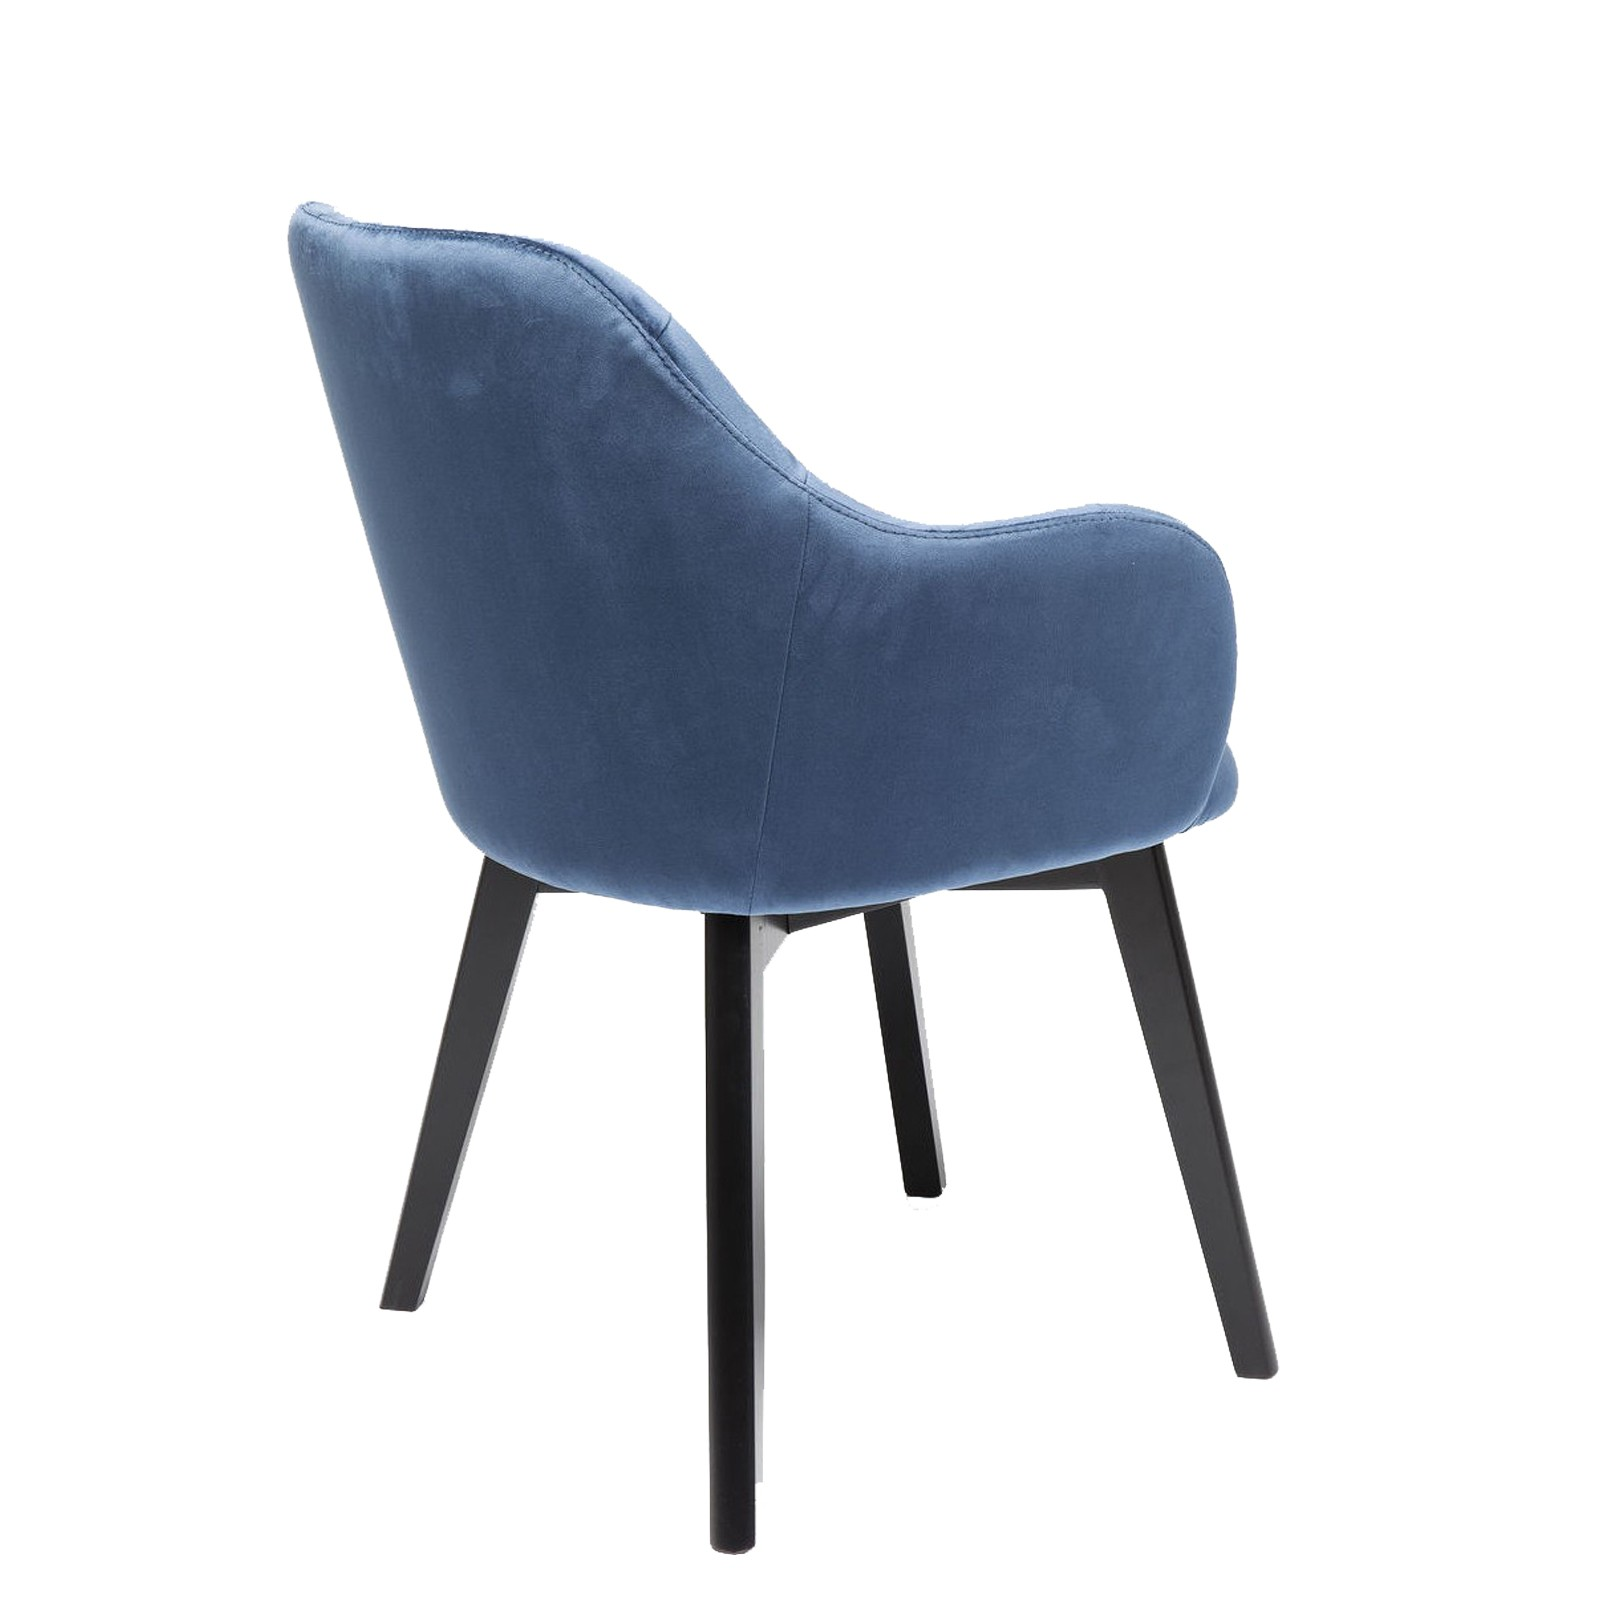 Chaise avec accoudoirs Lady pieds noirs bleu pétrole Kare Design